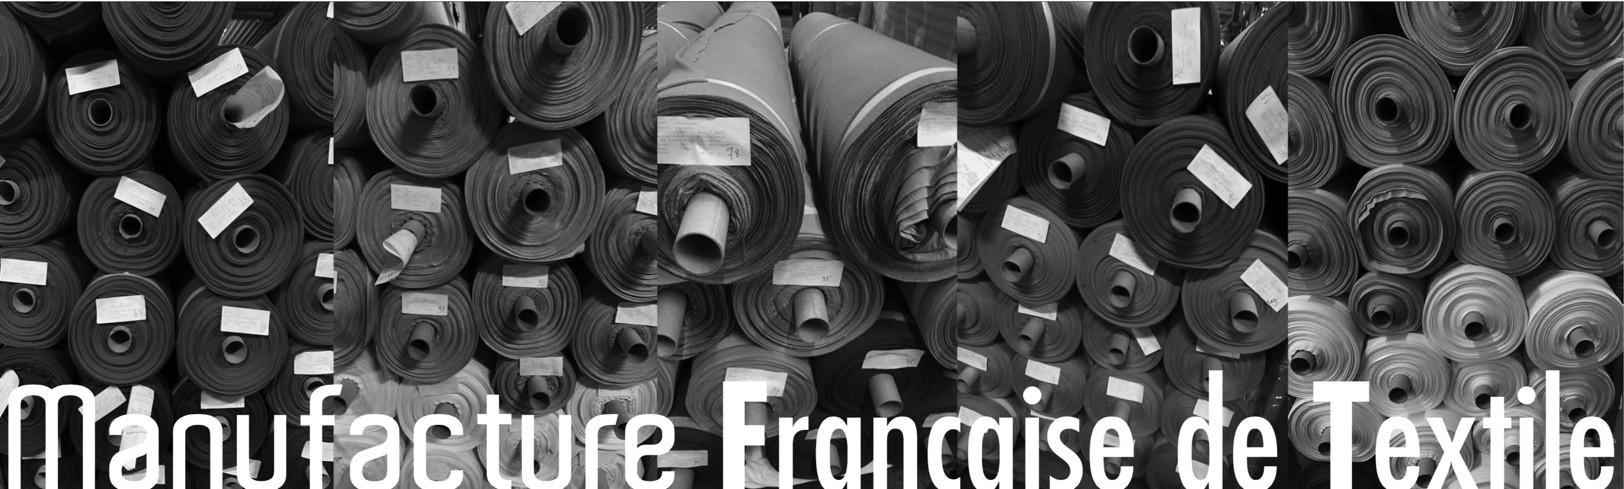 Manufacture Francaise Des Textiles D Ameublement manufacture française de textile | linkedin